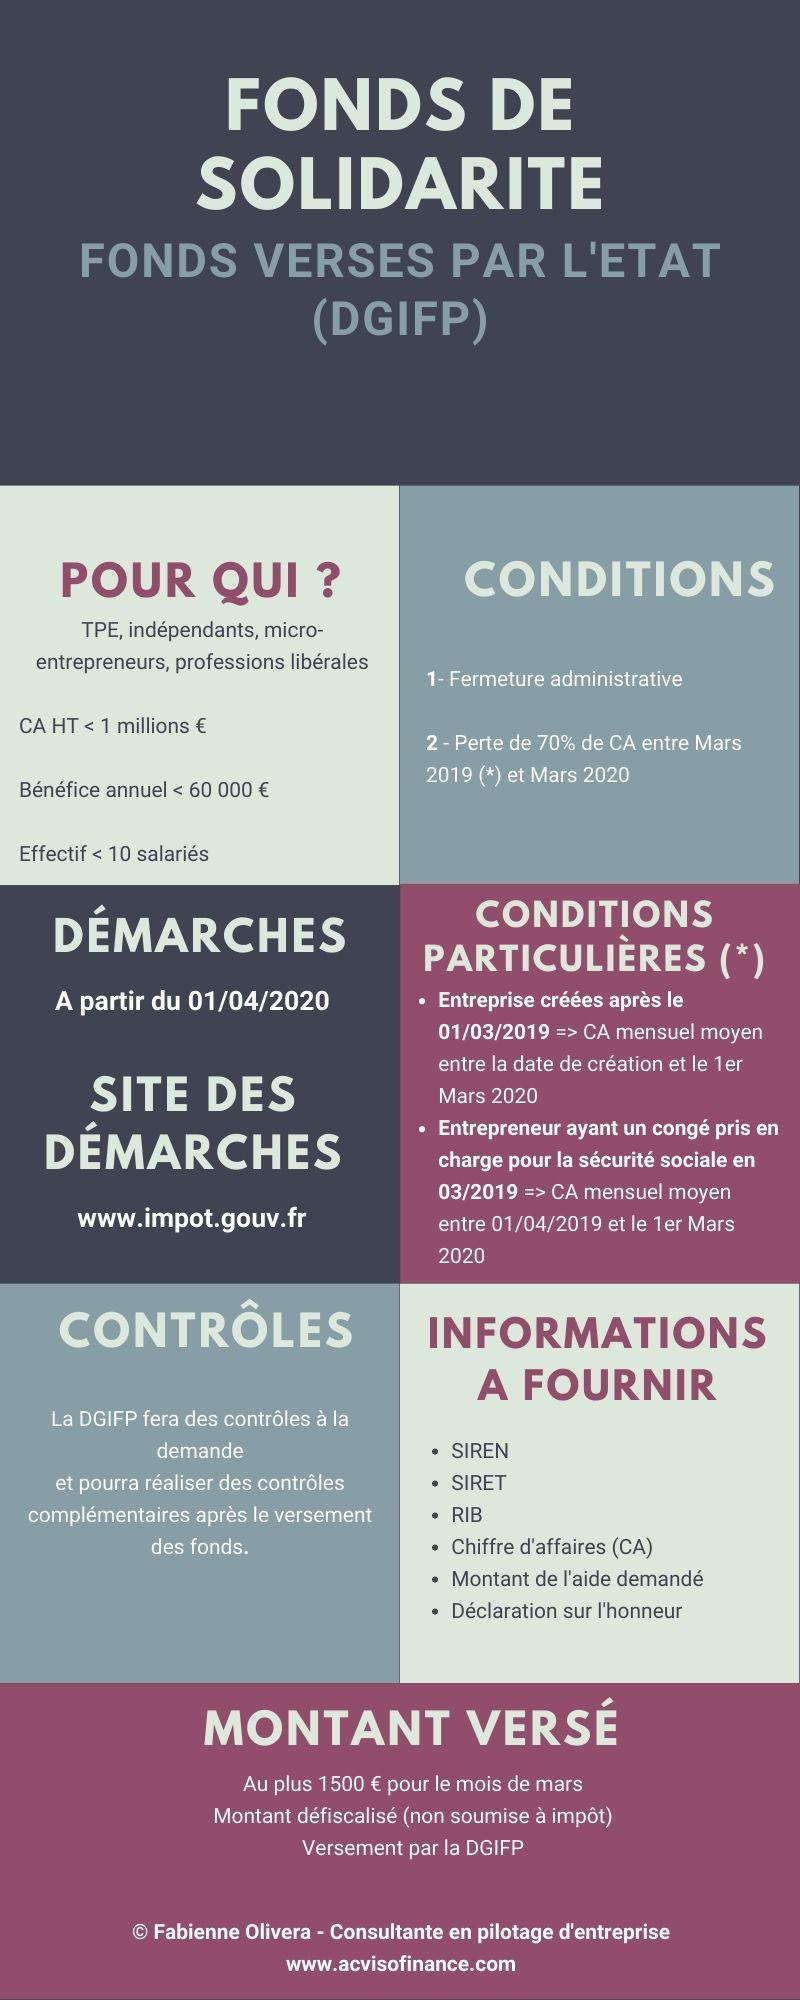 Infographie des informations nécessaires pour le versement de l'aide de l'Etat pour les petites entreprises